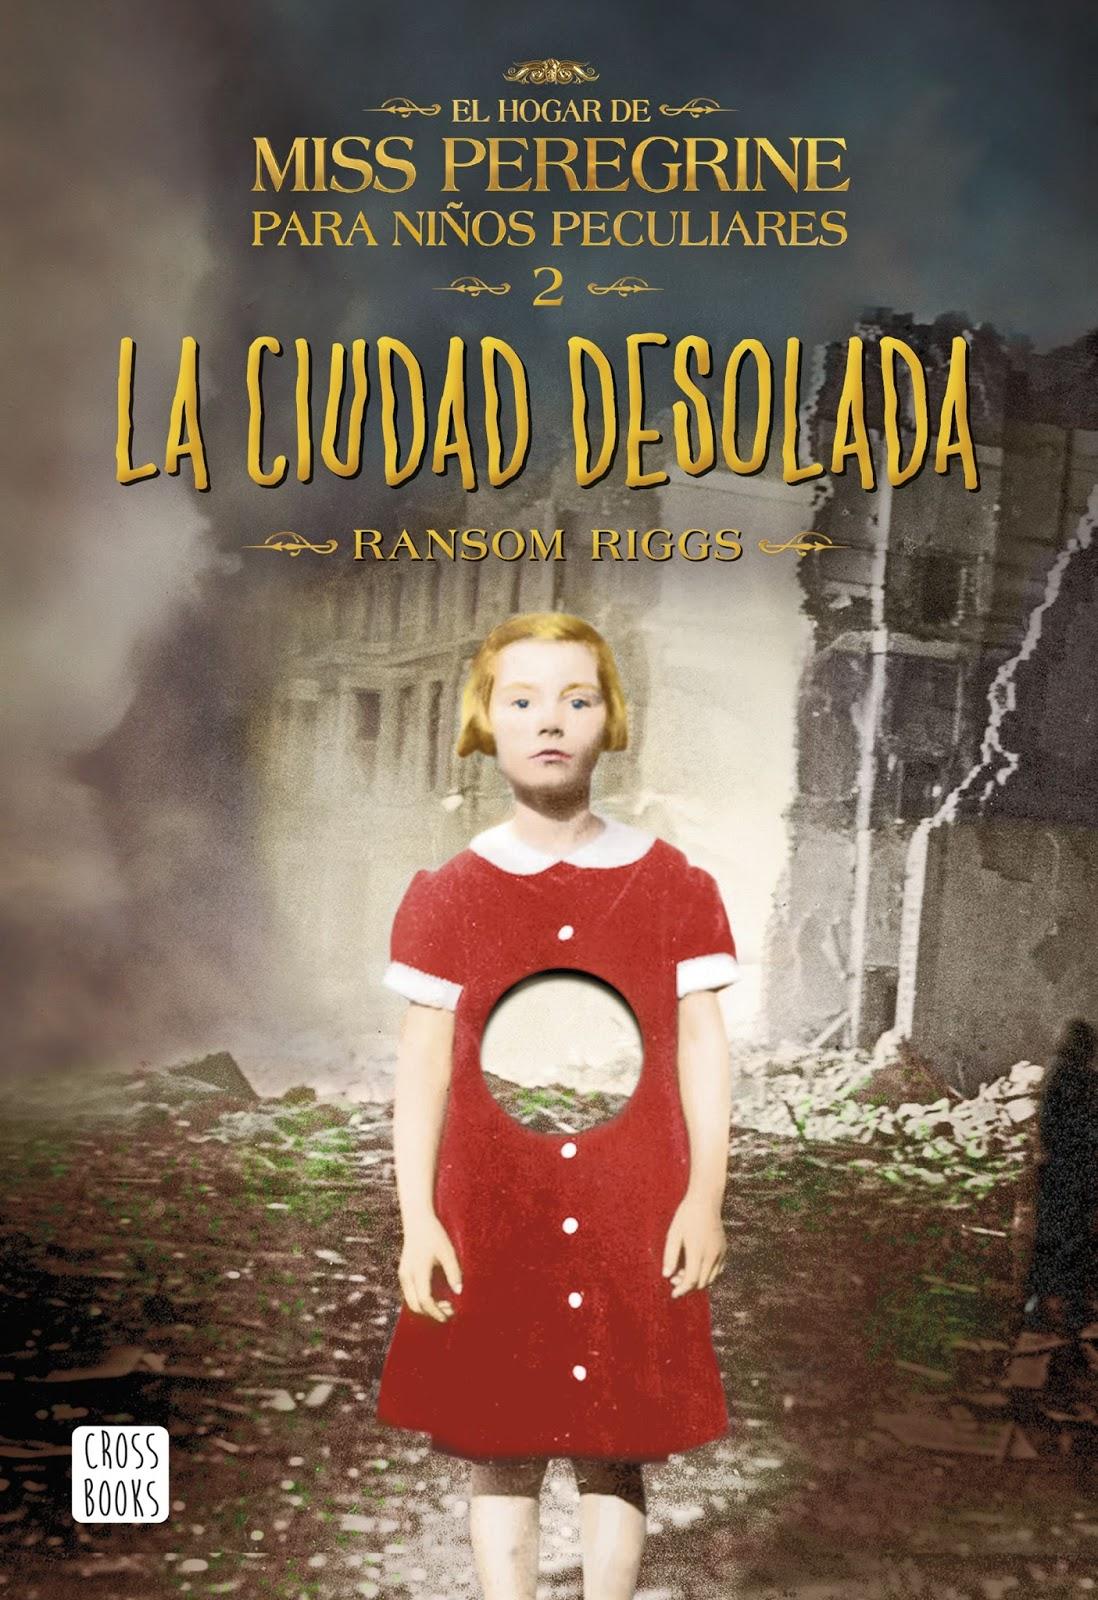 Reseña La ciudad desolada: El hogar de Miss Peregrine para